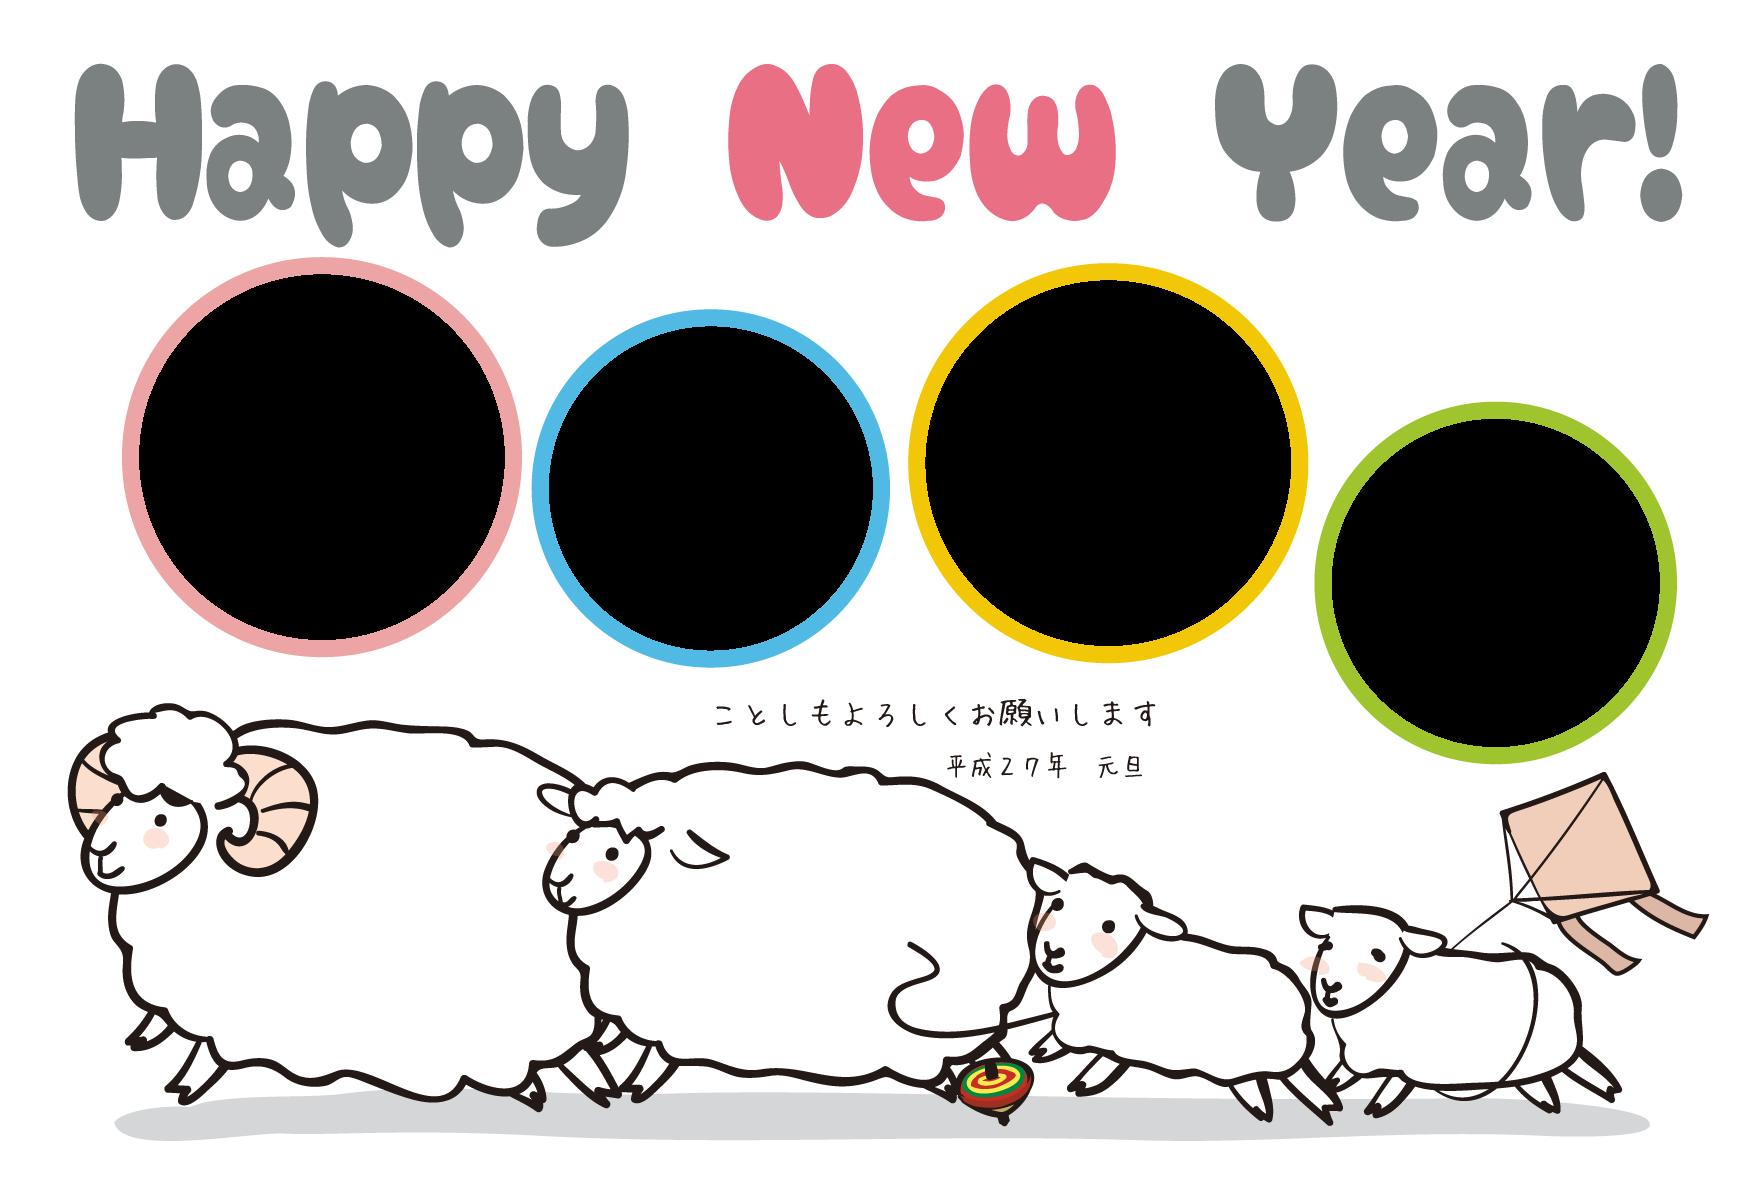 ... テンプレート_2015年《フリー、無料》 - NAVER まとめ : 2015 干支 羊 : すべての講義